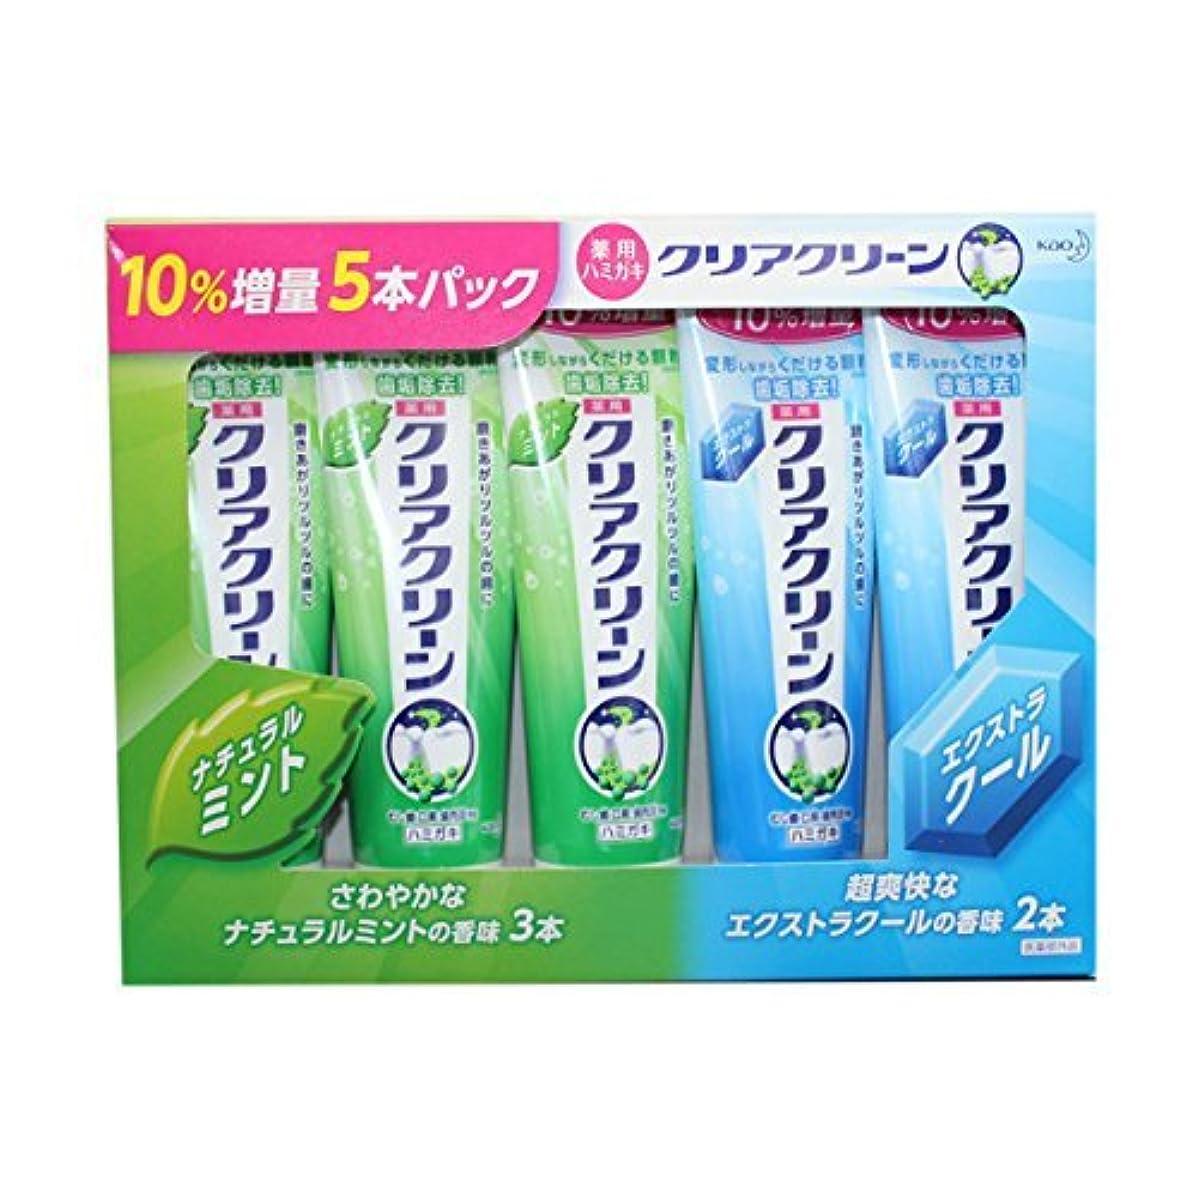 アミューズ眉タイマークリアクリーン 143gx5本セット(ナチュラルミントx3/エクストラクールx2) 10%増量セット 歯磨き粉